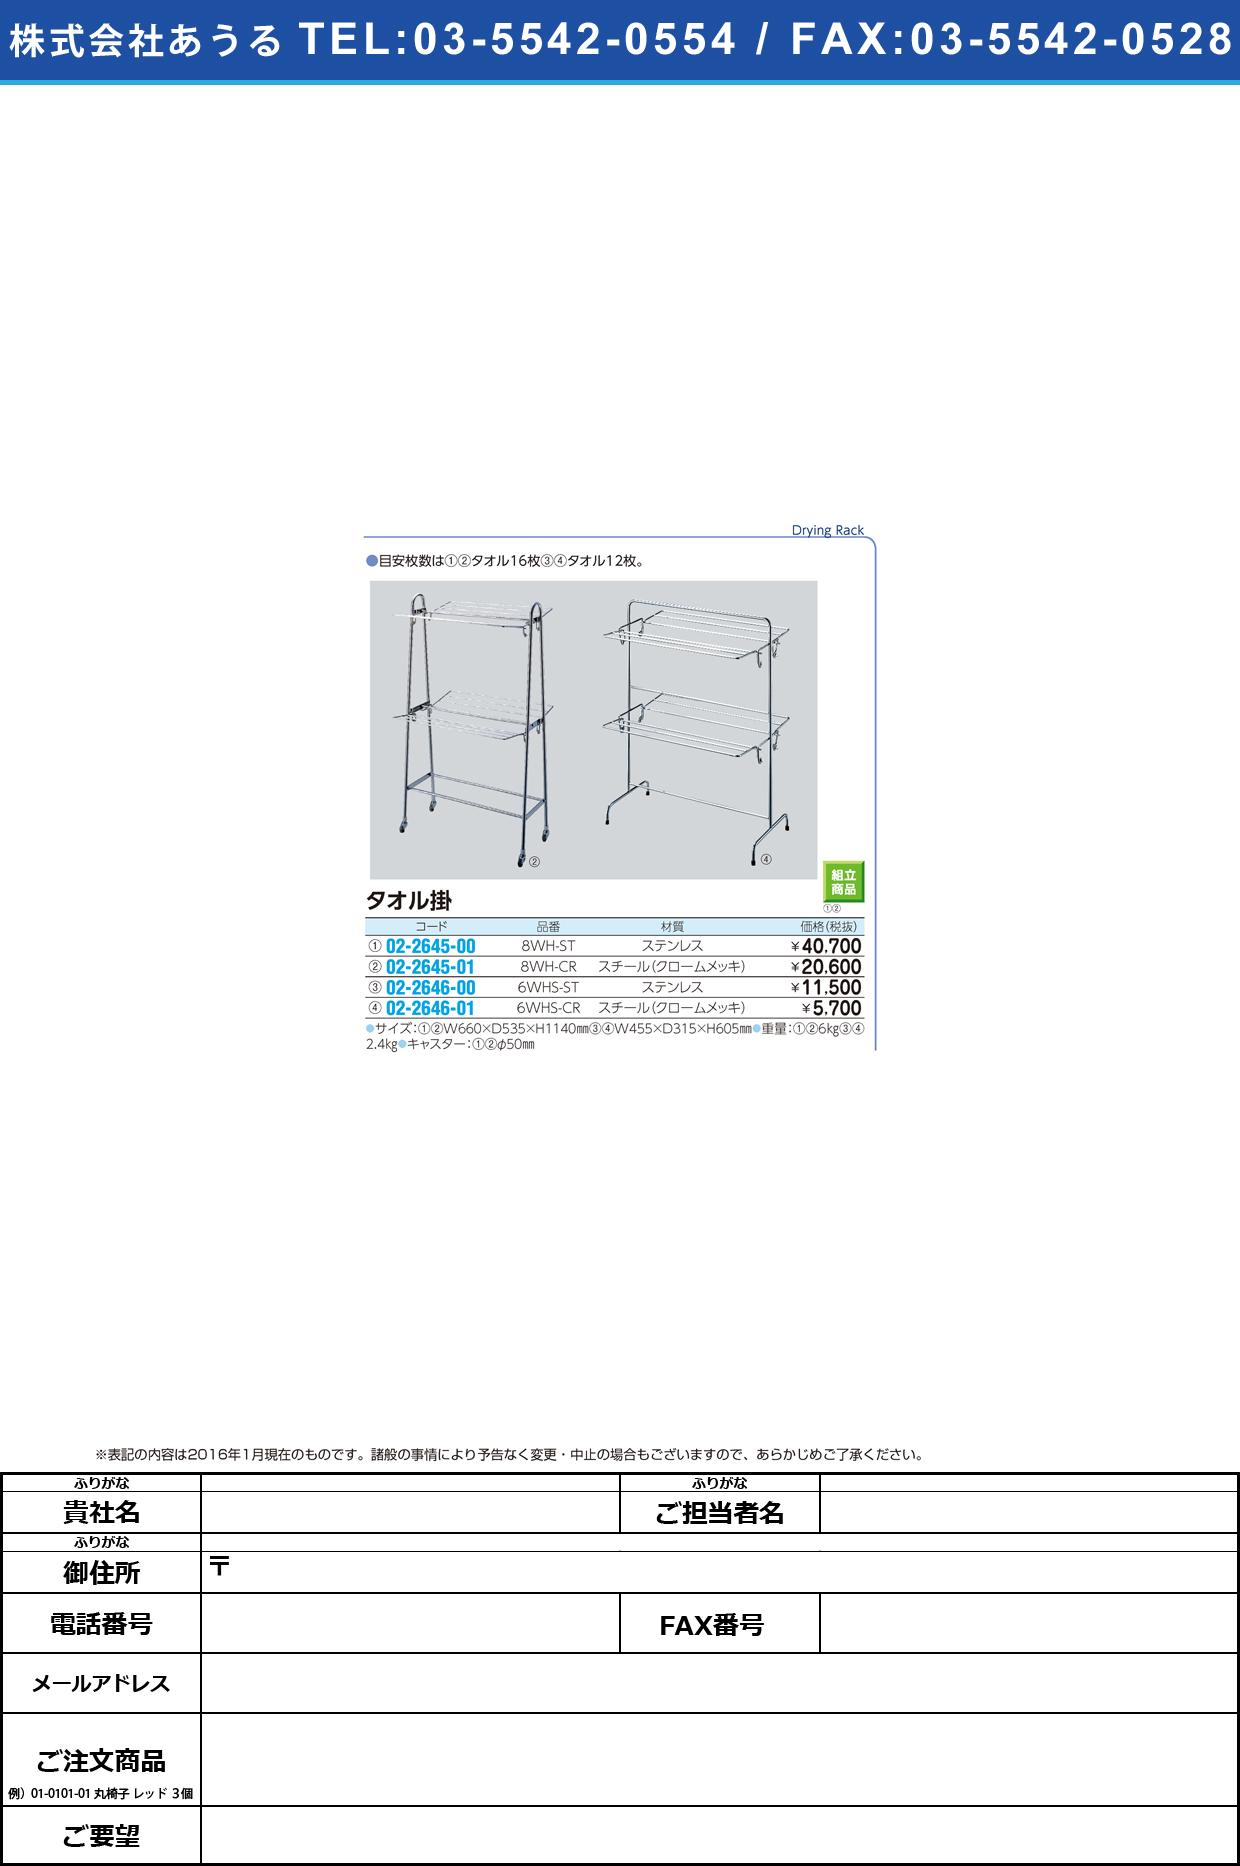 タオル掛 16枚干し(キャスター付) タオルカケ16マイボシ 8WH-ST(ステンレスSUS304)【1台単位】